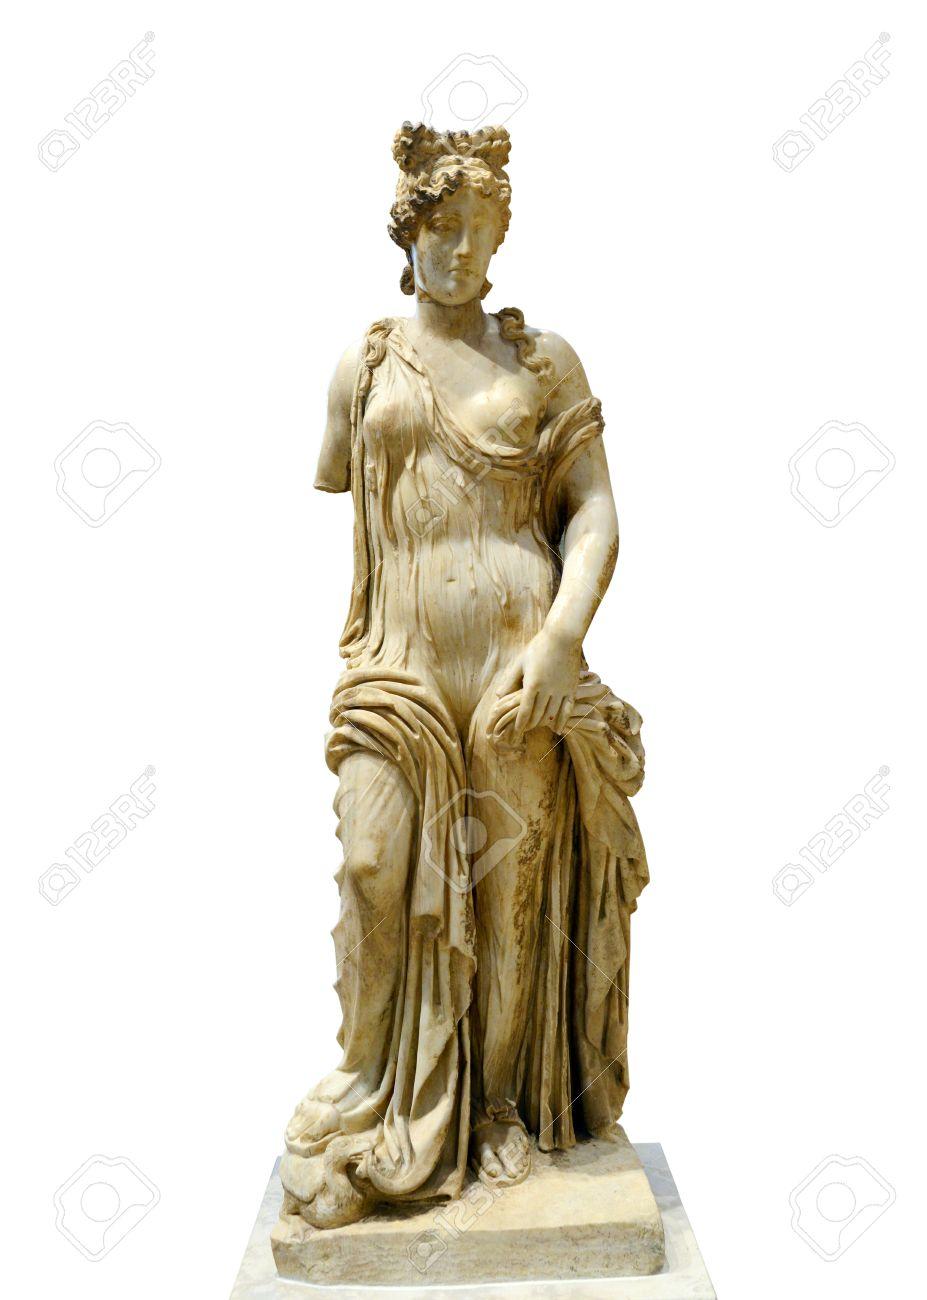 A quoi me reconnaissez-vous ? - Page 39 68251773-grecque-statue-d-aphrodite-la-d%C3%A9esse-de-l-amour-isol%C3%A9-sur-blanc